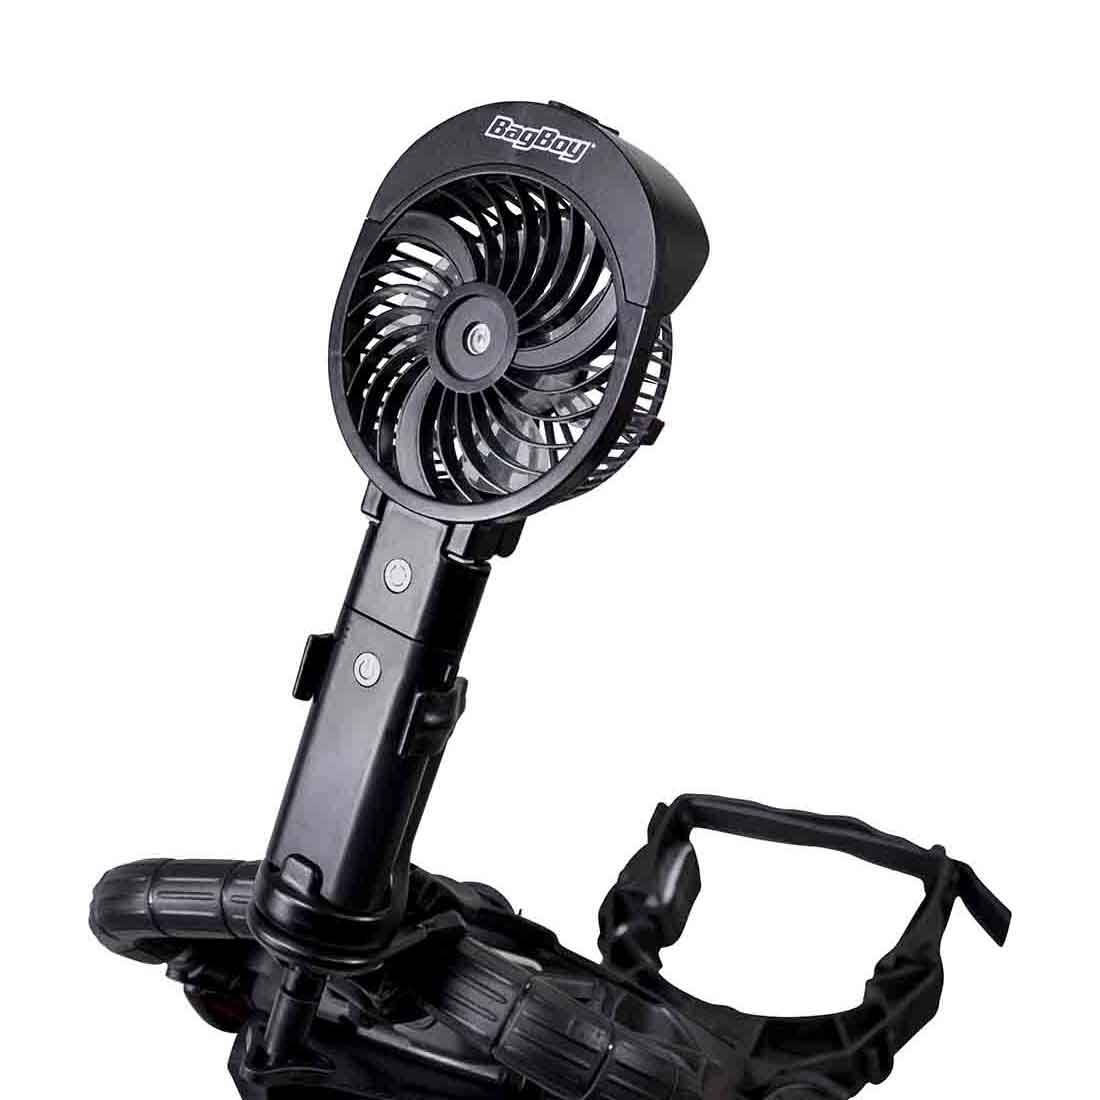 Bag Boy 3-in-1 Cart Fan Kit